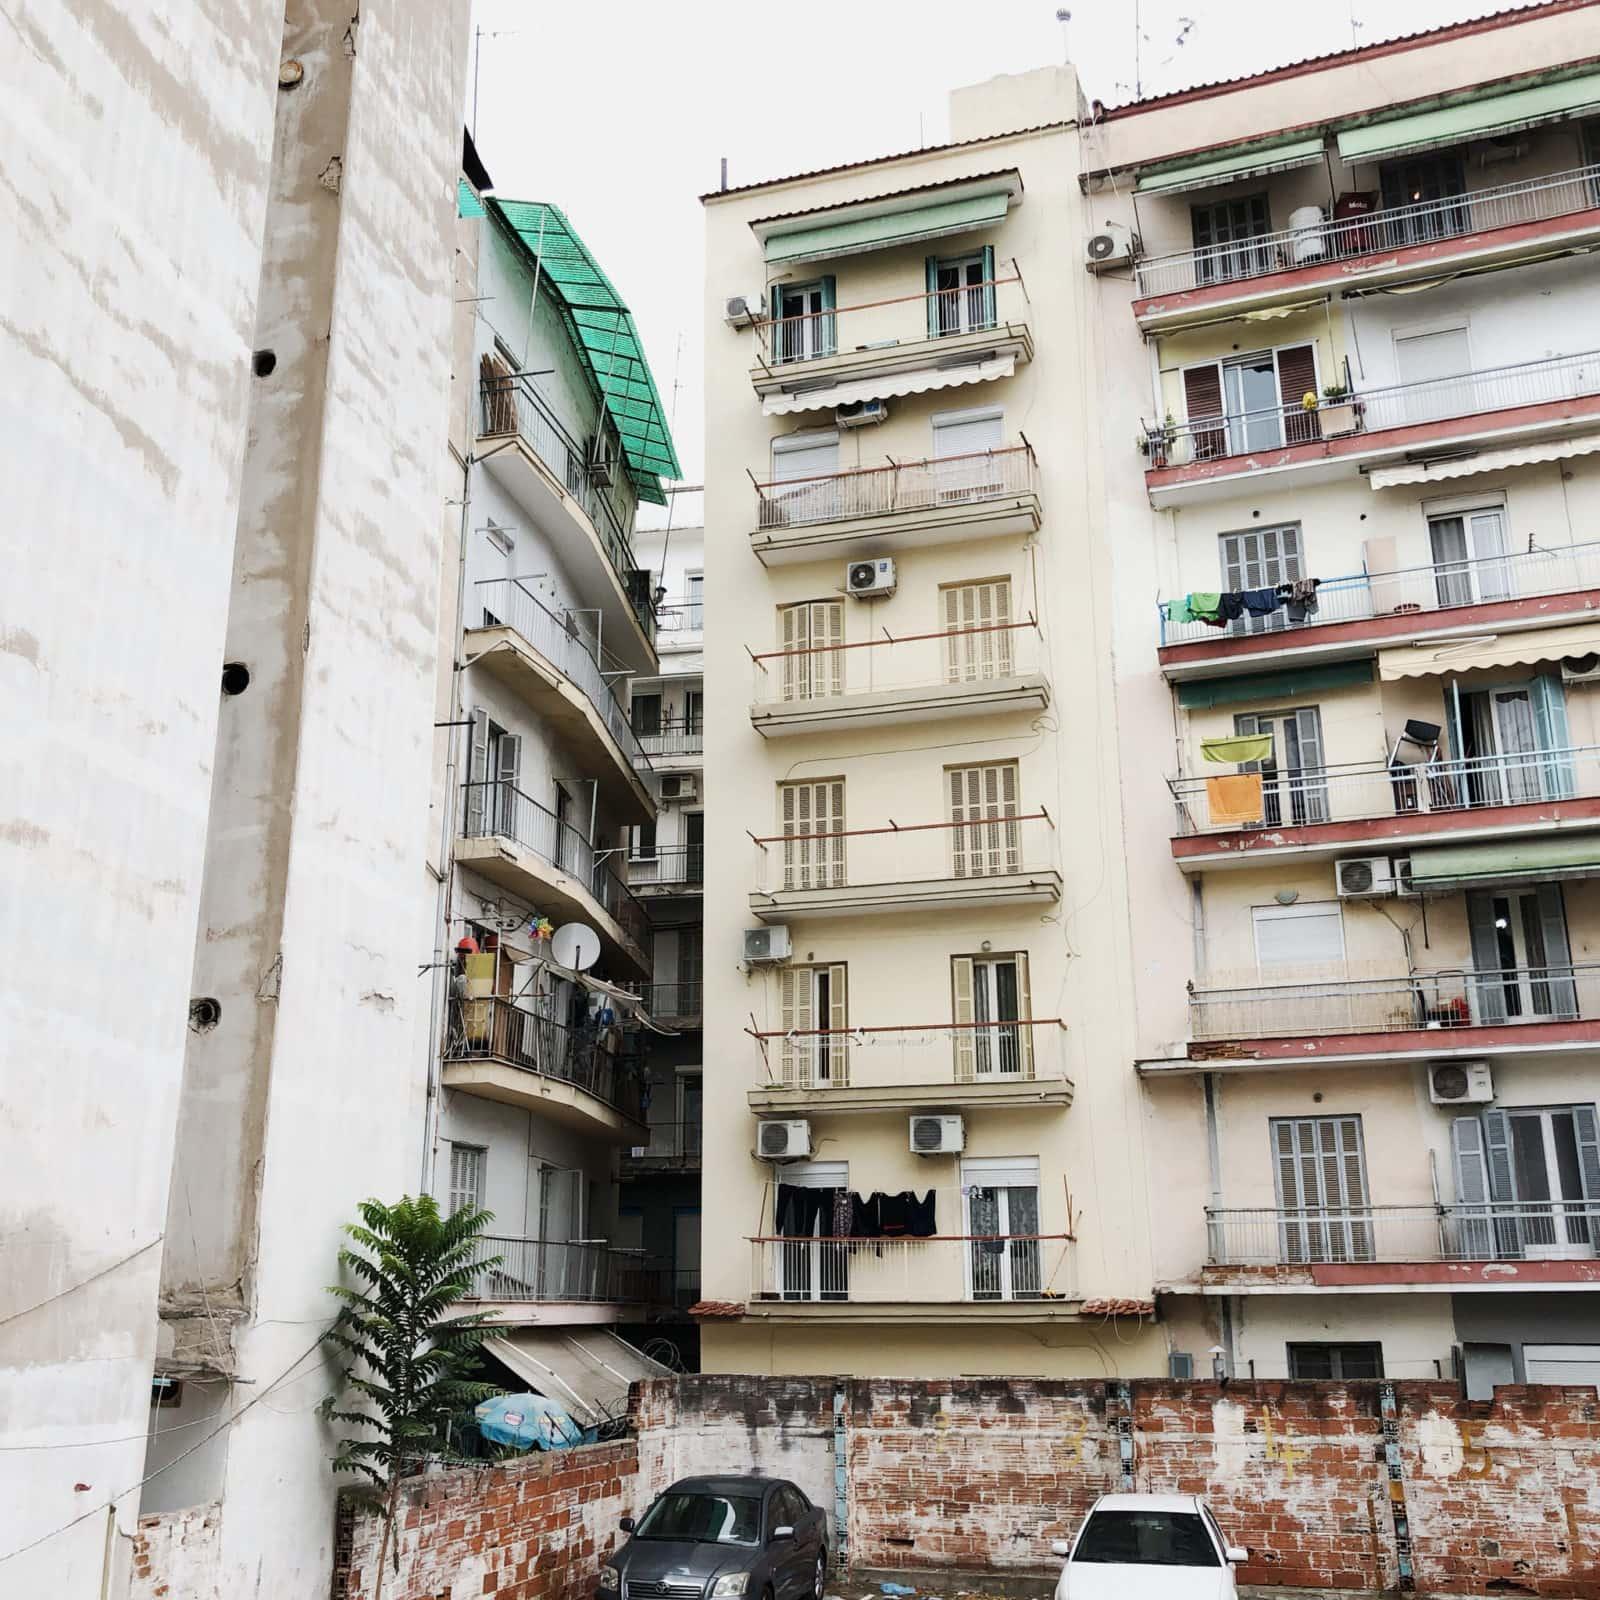 Недорогие квартиры в греции купить недвижимость дубай emirates